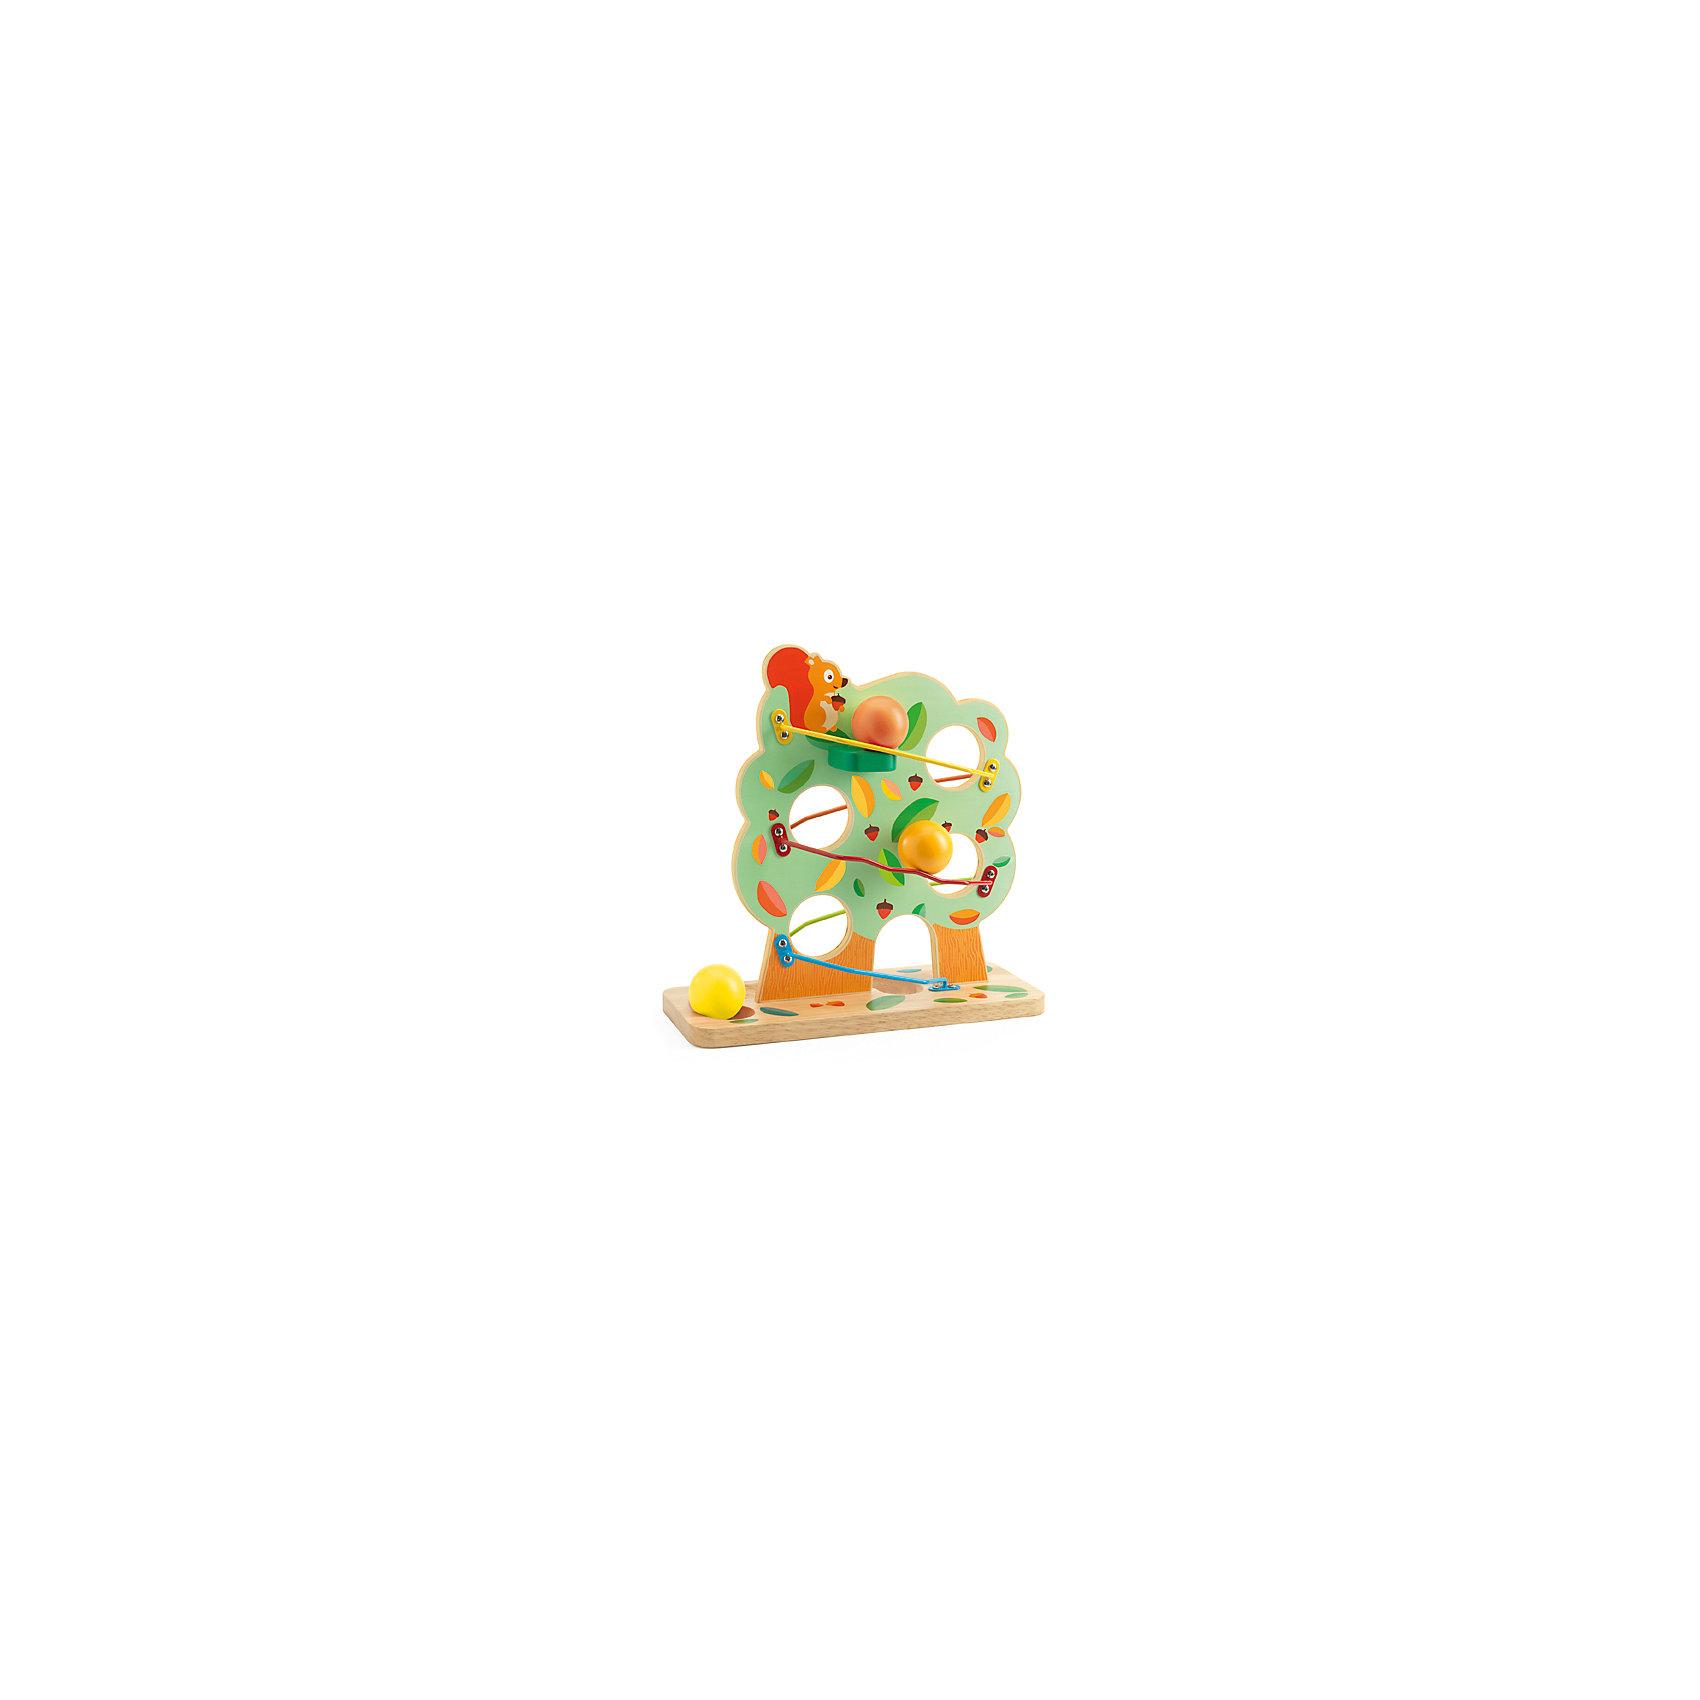 Кугельбан Беличий домик, DJECOКугельбан Беличий домик, Djeco (Джеко), - красочная развивающая игрушка для самых маленьких. Игрушка выполнена в виде зеленой кроны дерева с нарисованной симпатичной белочкой и большими отверстиями для шаров. Вдоль кроны есть металлические направляющие, по которым будут двигаться шарики-орешки. Малыш с интересом будет следить за тем, как шарики скатываются с вершины кроны на землю, пропадая на одной стороне дерева и появляясь на другой. Игрушка изготовлена из высококачественных материалов и покрыта безопасными нетоксичными красками. Прекрасно развивает воображение и логическое мышление, ловкость и внимательность, тренирует мелкую моторику рук.<br><br>Дополнительная информация:<br><br>- В комплекте: основа-дерево, 3 деревянных шара.<br>- Материал: дерево, металл.<br>- Размер игрушки: 30 х 29 х 12 см.<br>- Размер упаковки: 30,5 х 30 х 12,5 см.<br>- Вес: 0,35 кг.<br><br>Кугельбан Беличий домик, Djeco (Джеко), можно купить в нашем интернет-магазине.<br><br>Ширина мм: 130<br>Глубина мм: 280<br>Высота мм: 10<br>Вес г: 1260<br>Возраст от месяцев: 24<br>Возраст до месяцев: 72<br>Пол: Унисекс<br>Возраст: Детский<br>SKU: 4215026